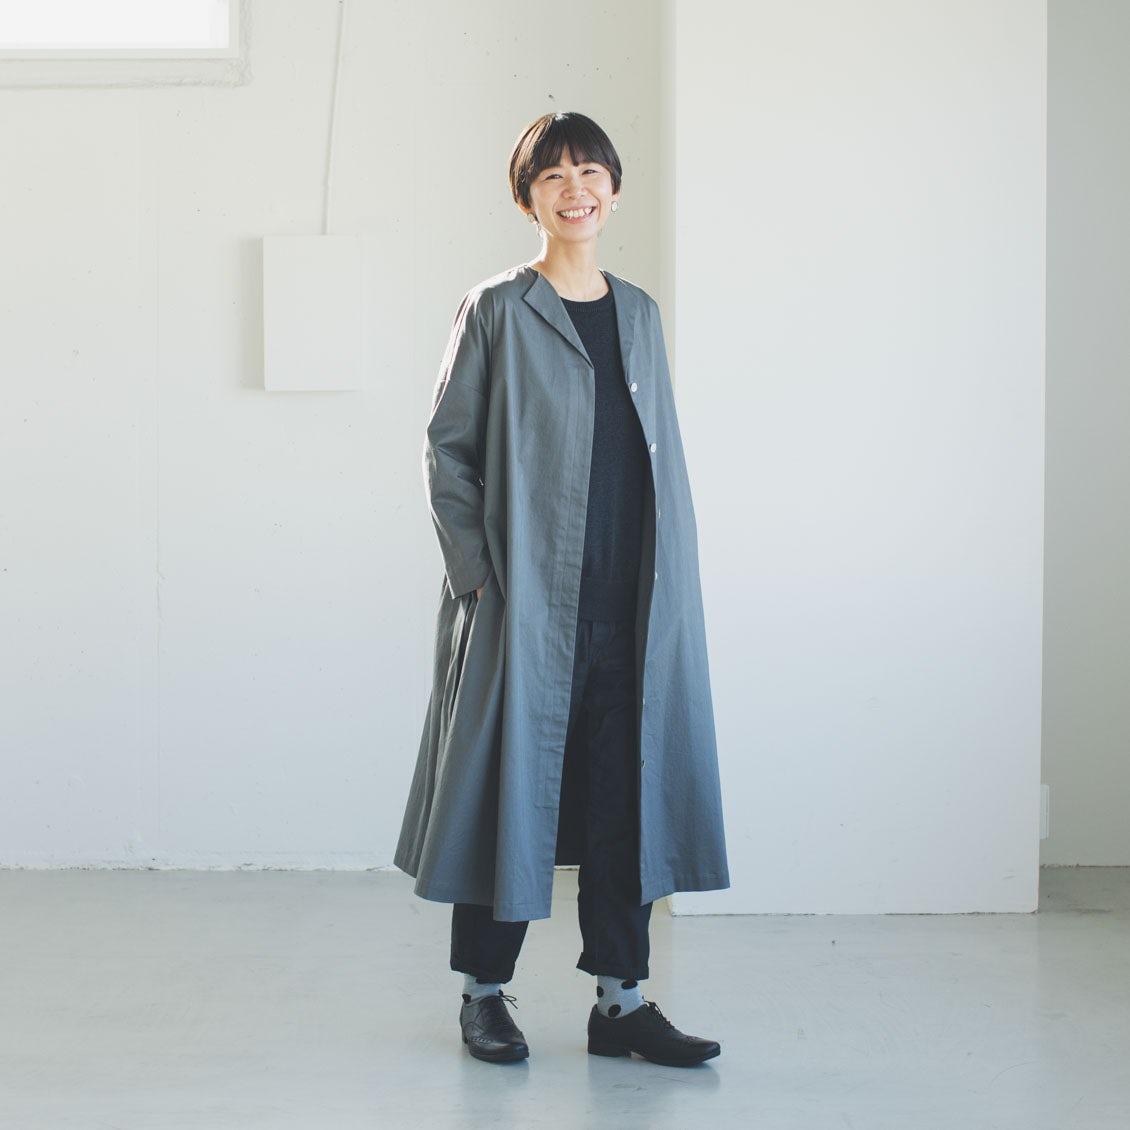 【スタッフ着用レビュー】utiliteの2WAYワンピースコートを、3名のスタッフが着てみました!